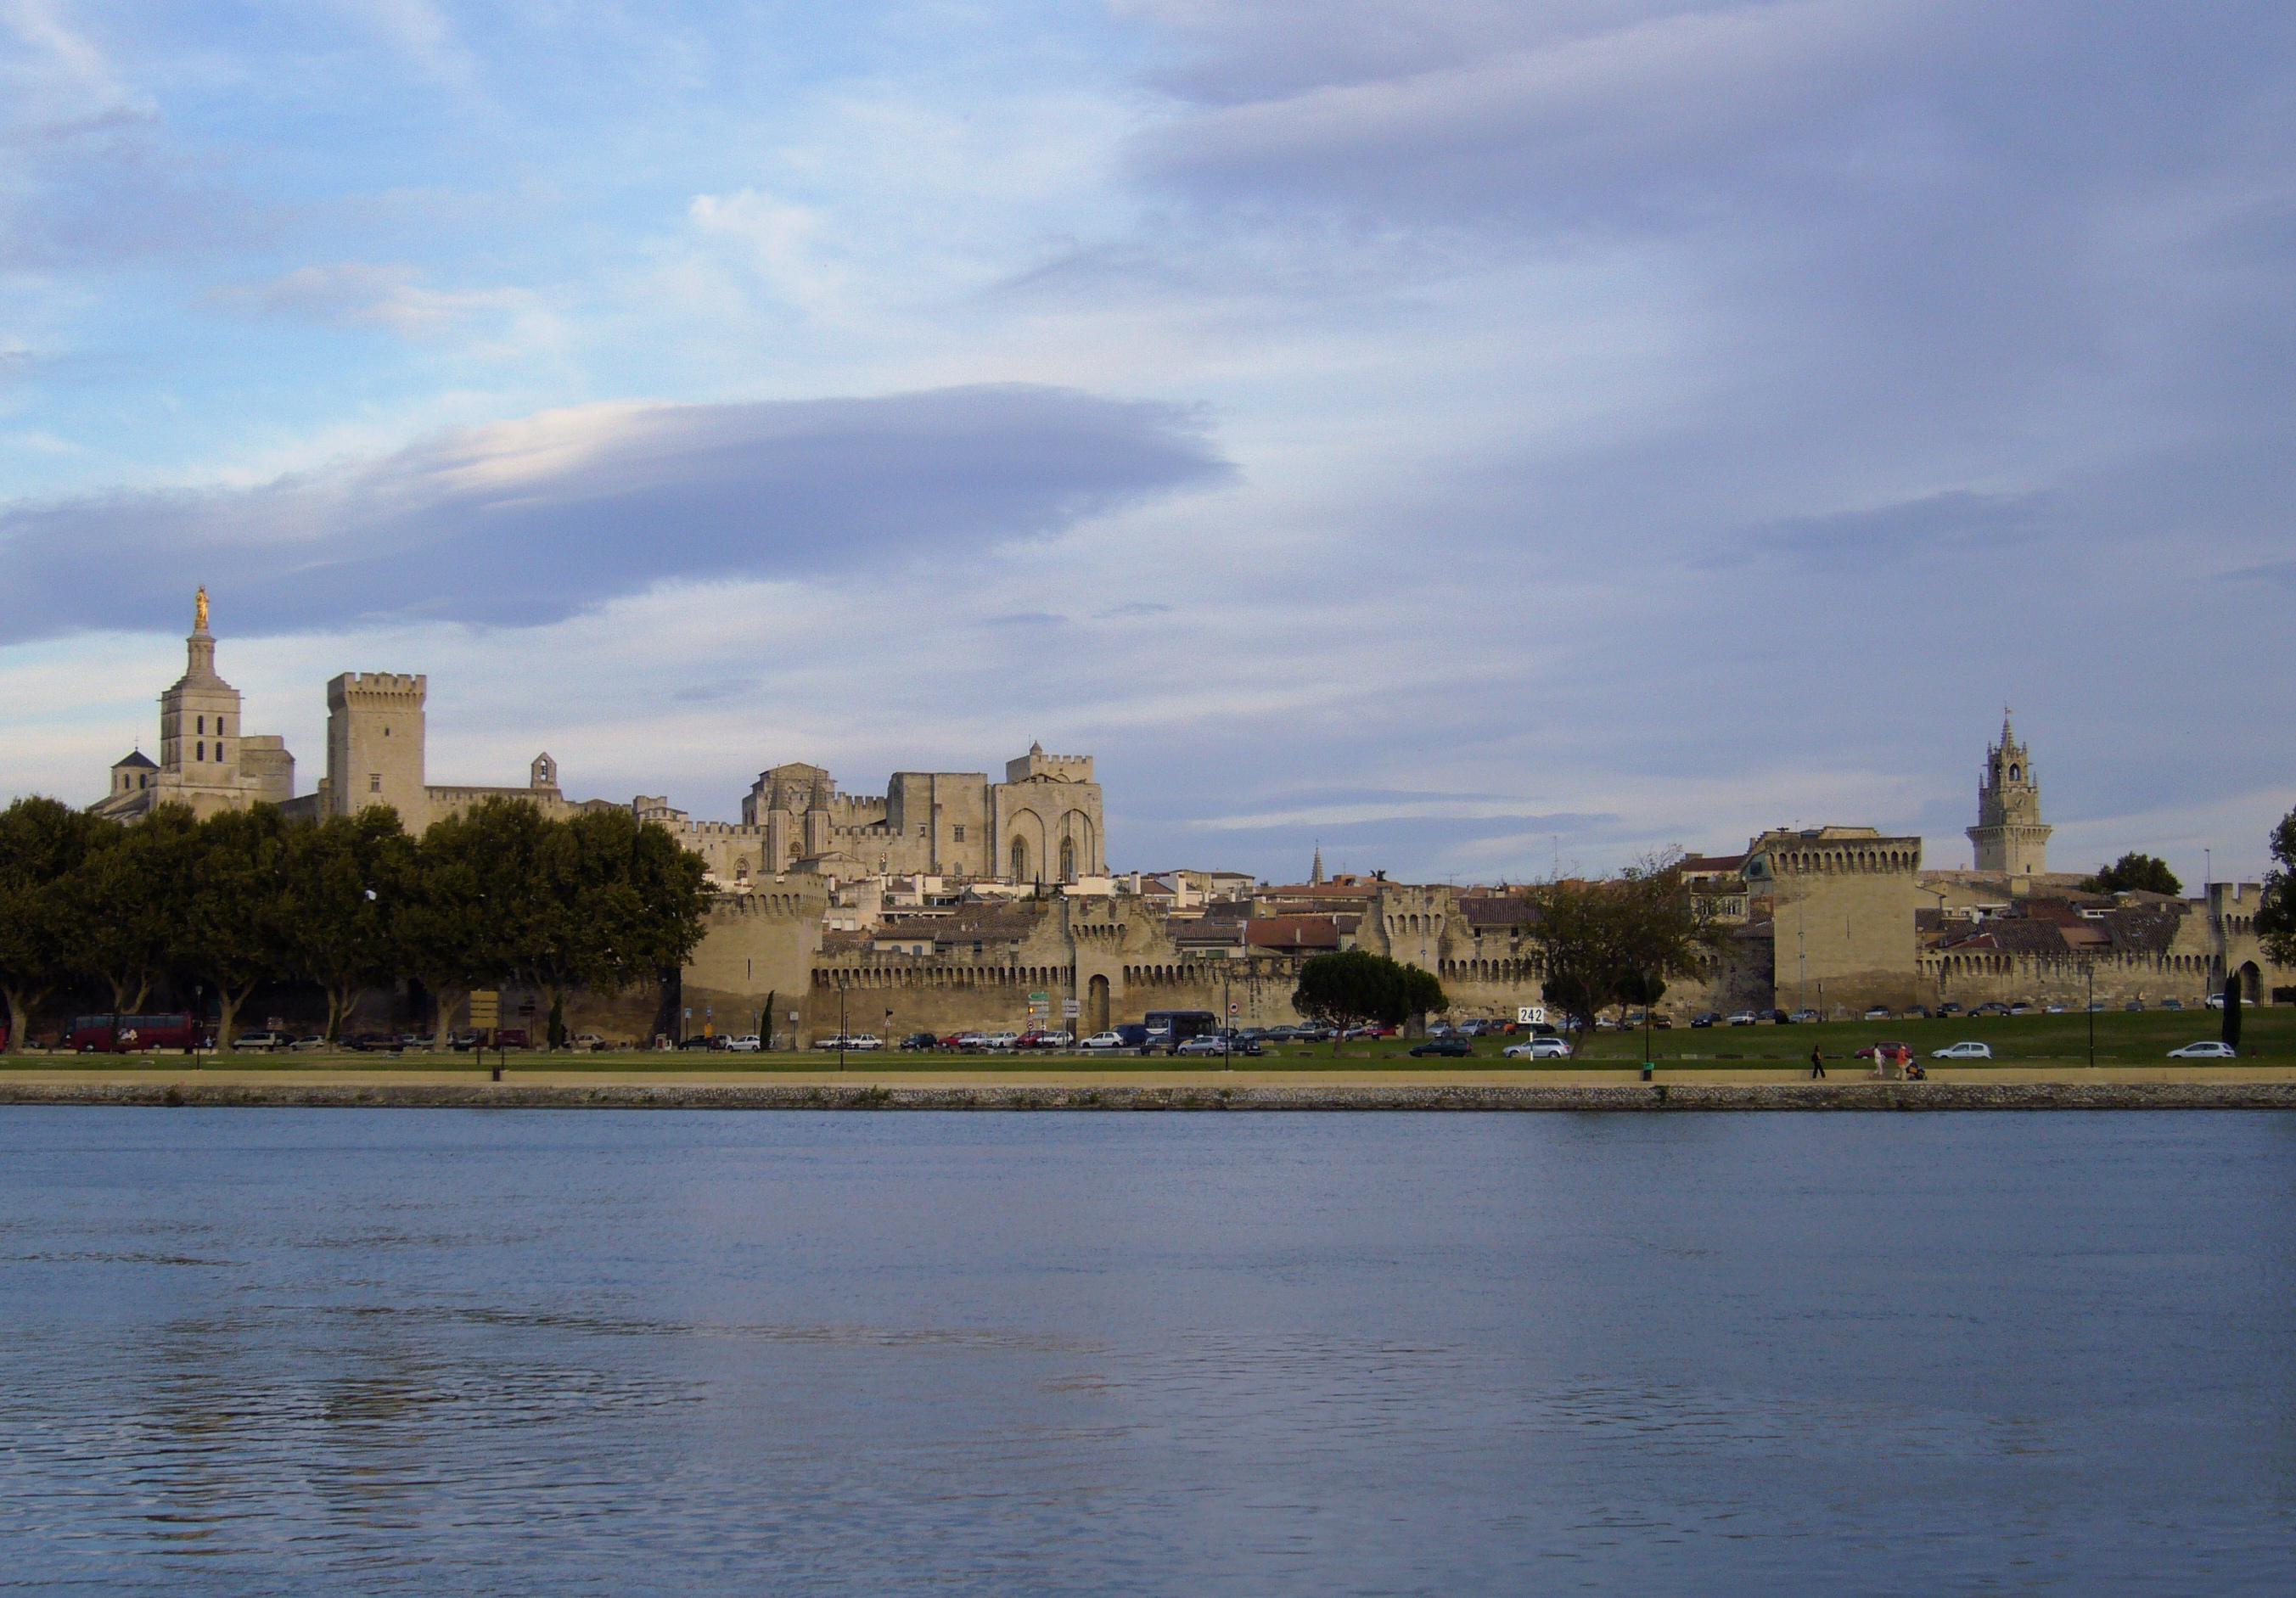 Avignon sans pont.jpg